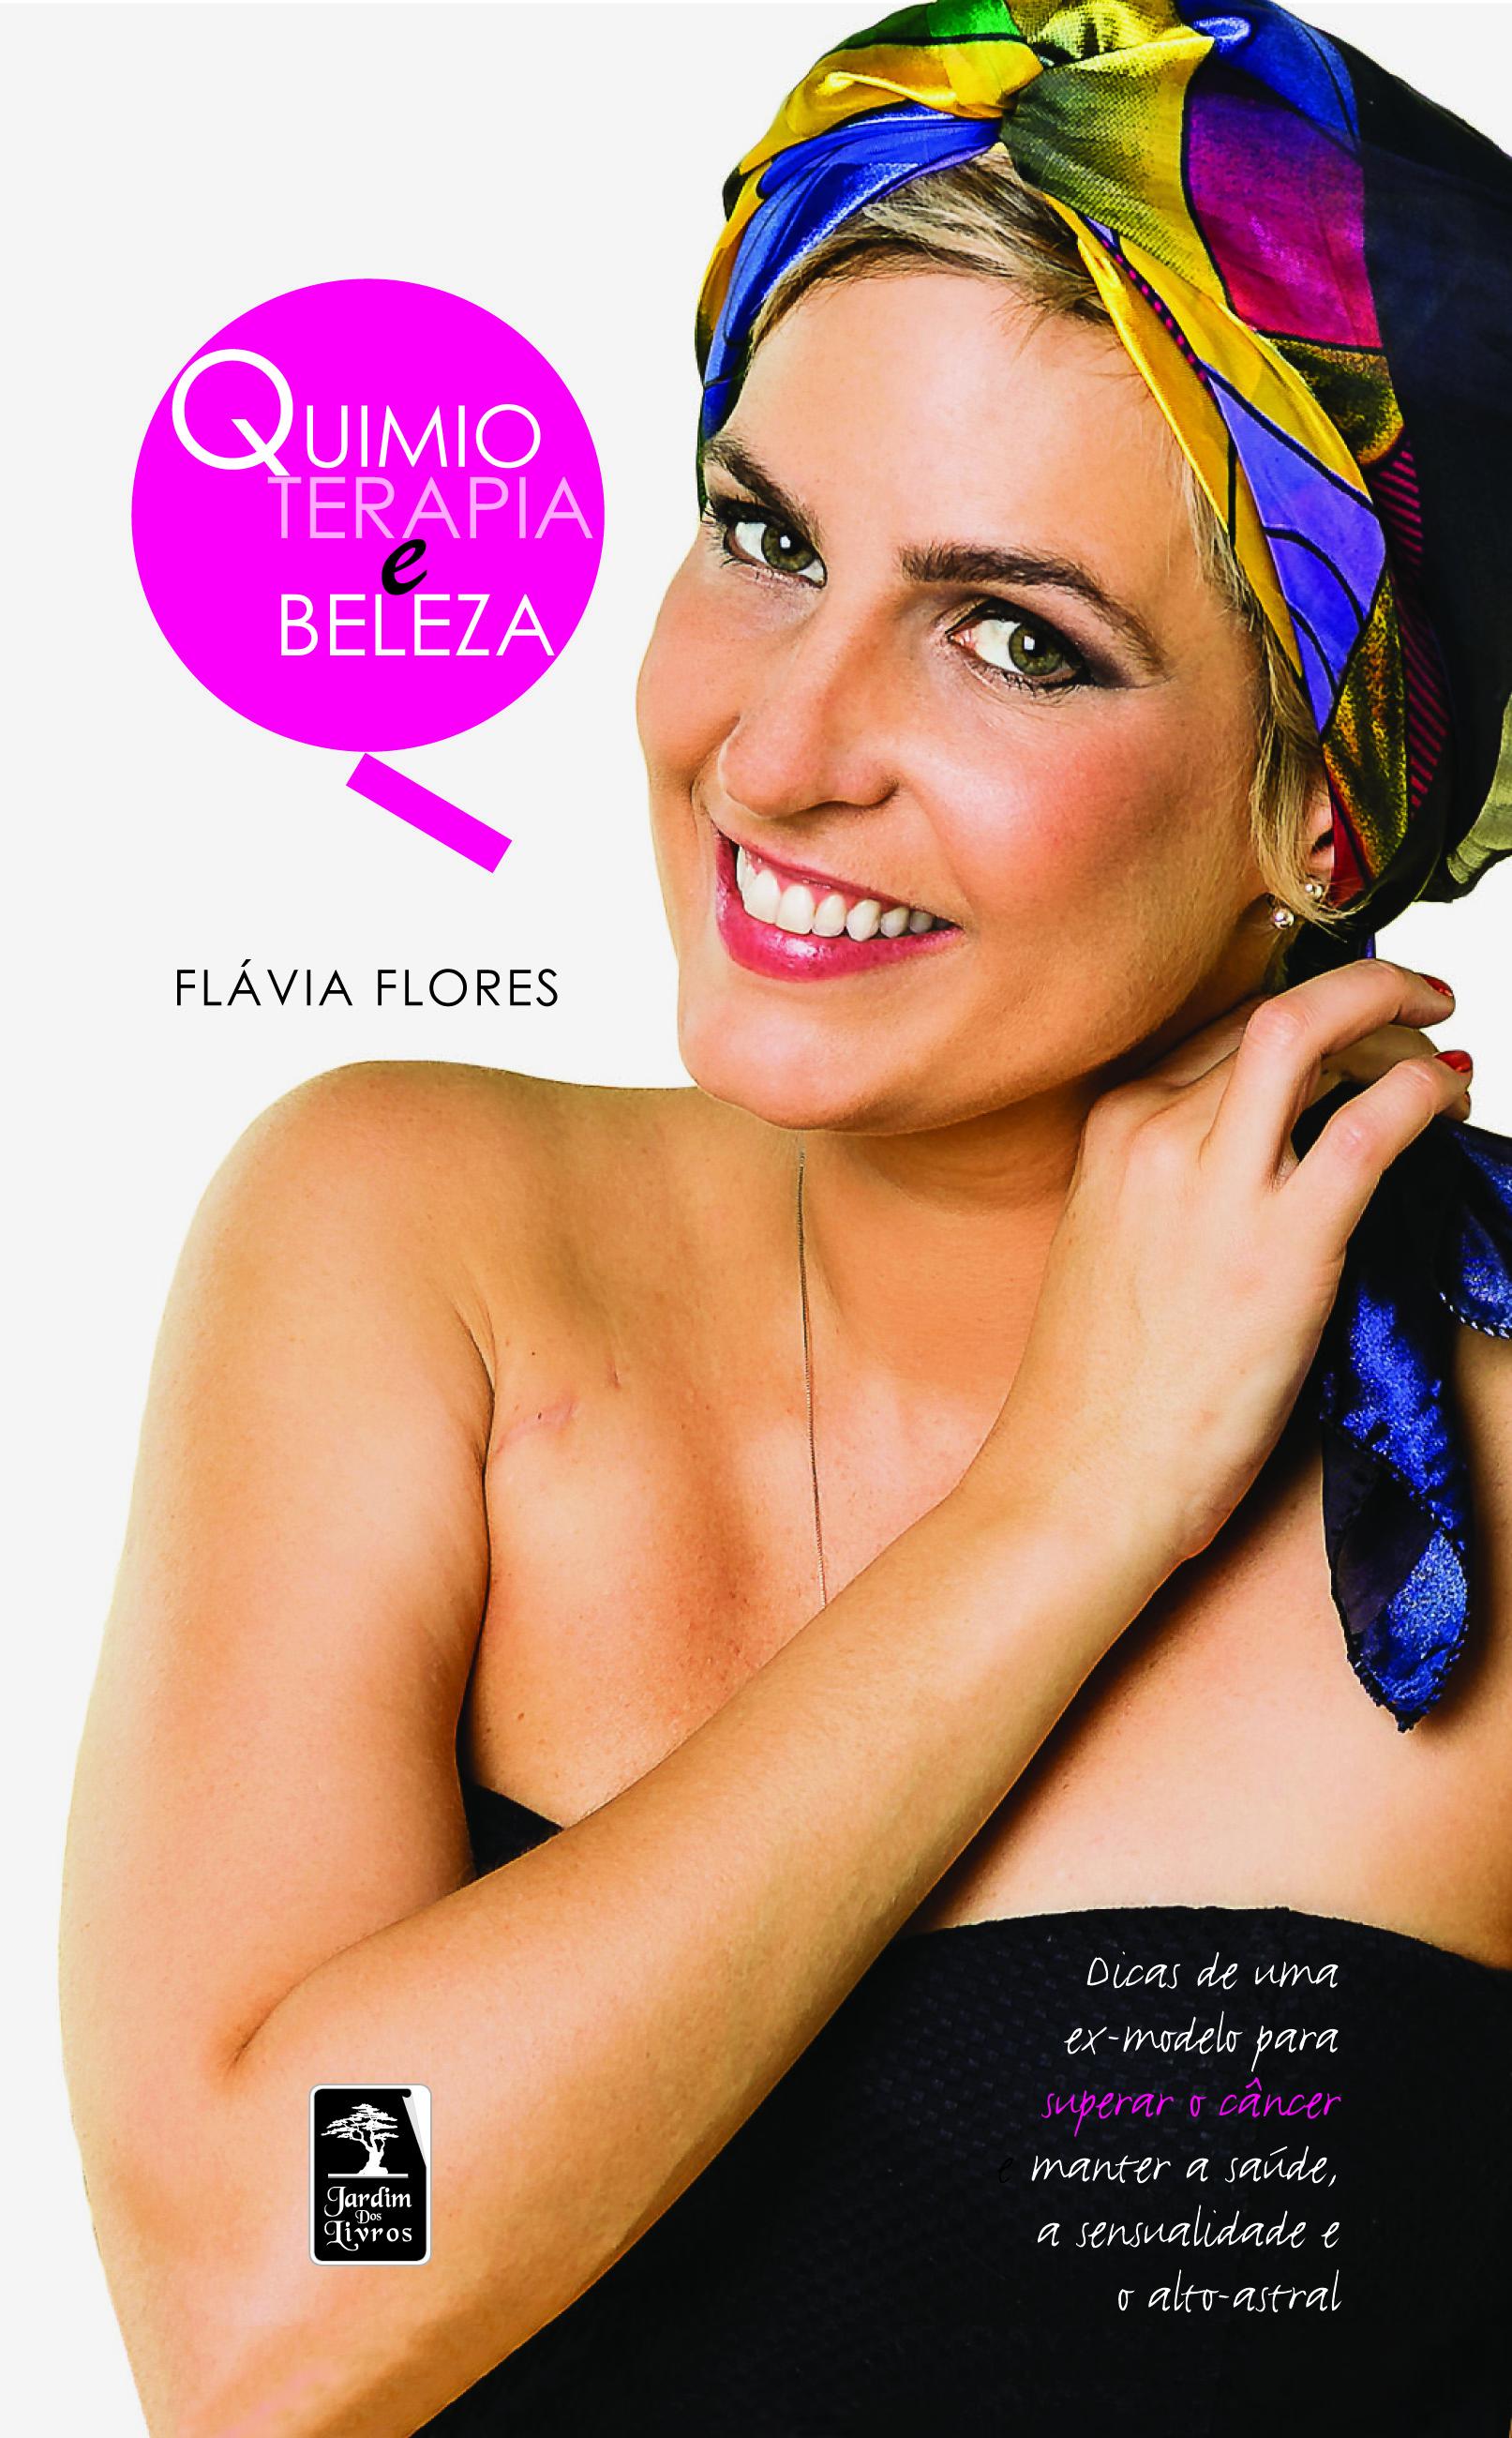 00_sobrecapa_quiomterapia_beleza_FINAL